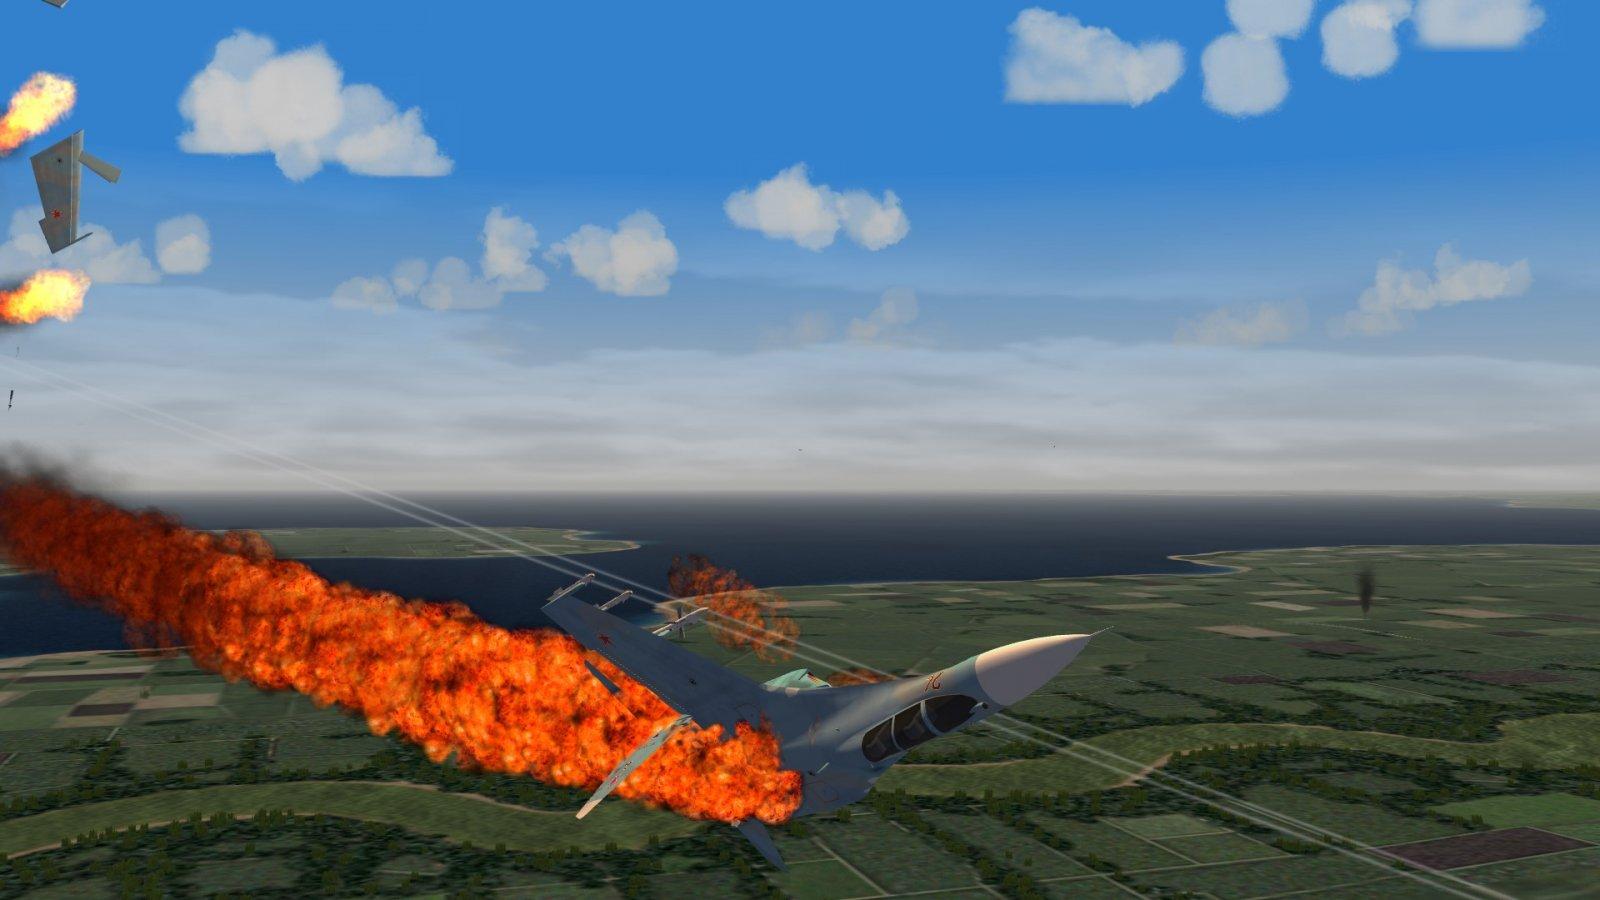 Tumbling Burning Flanker 1